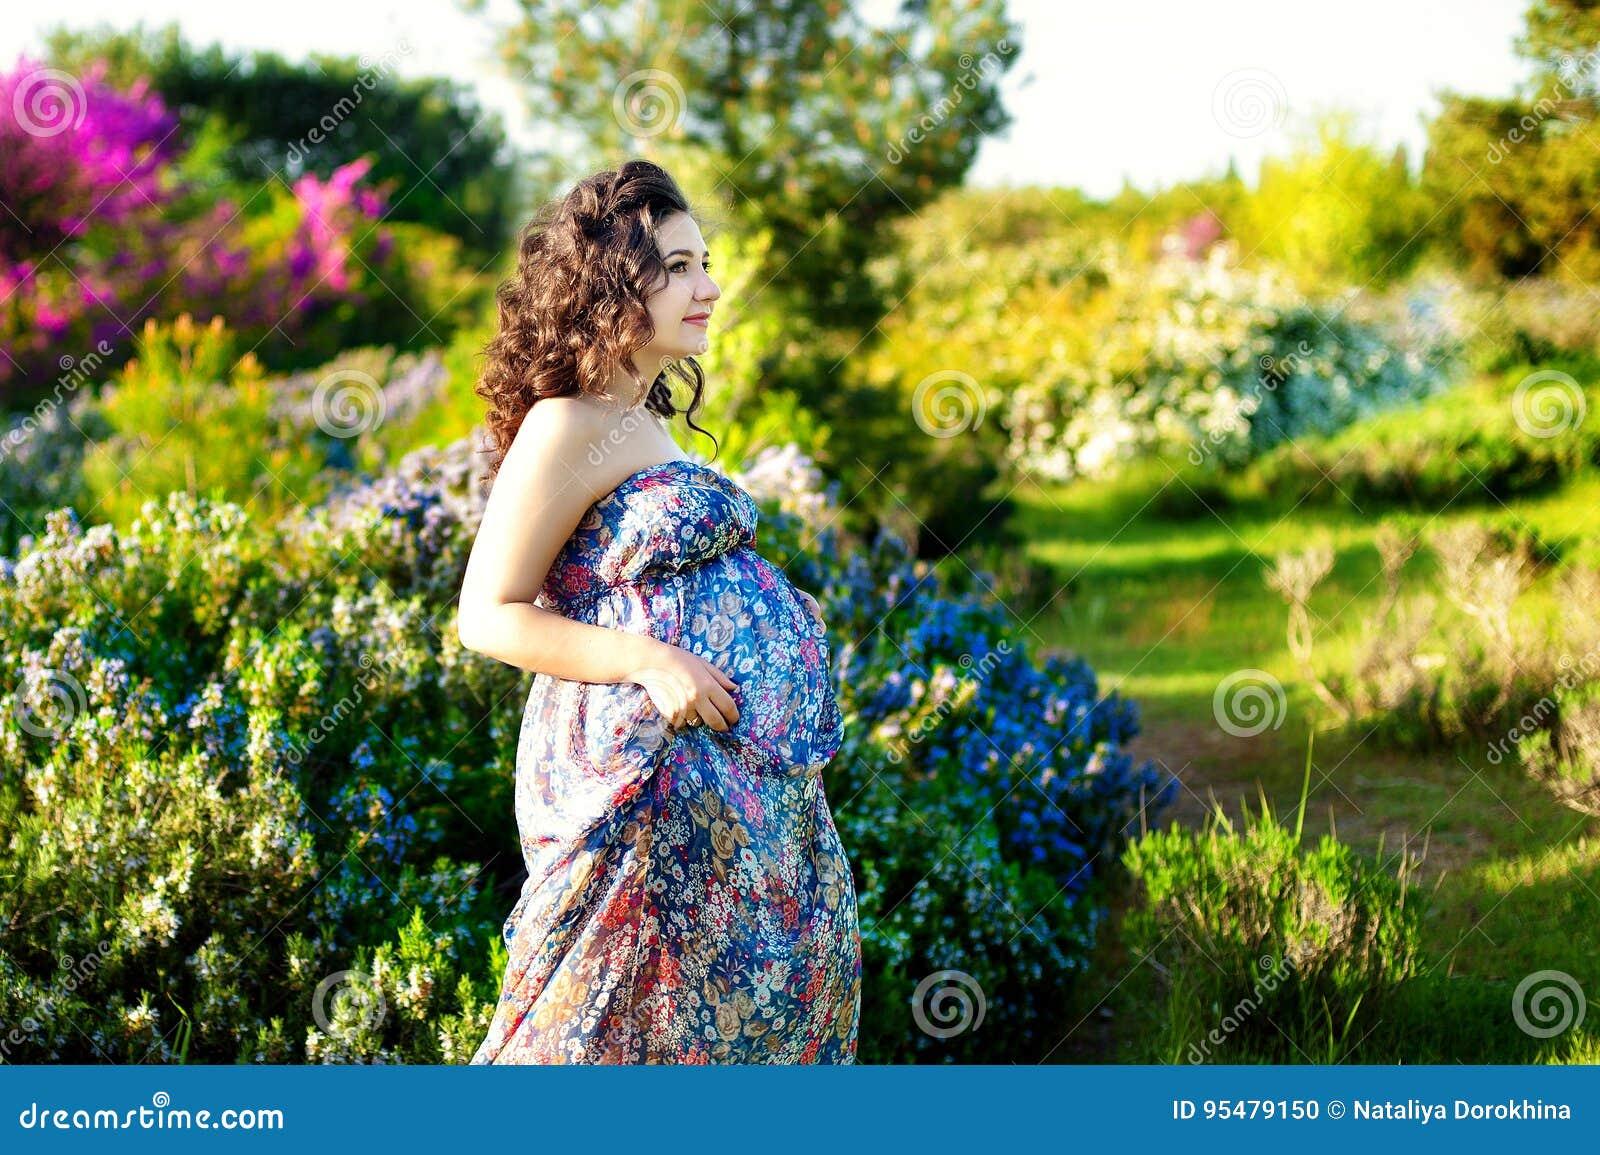 Ładny kobieta w ciąży pozuje w zielonym rozmarynie uprawia ogródek